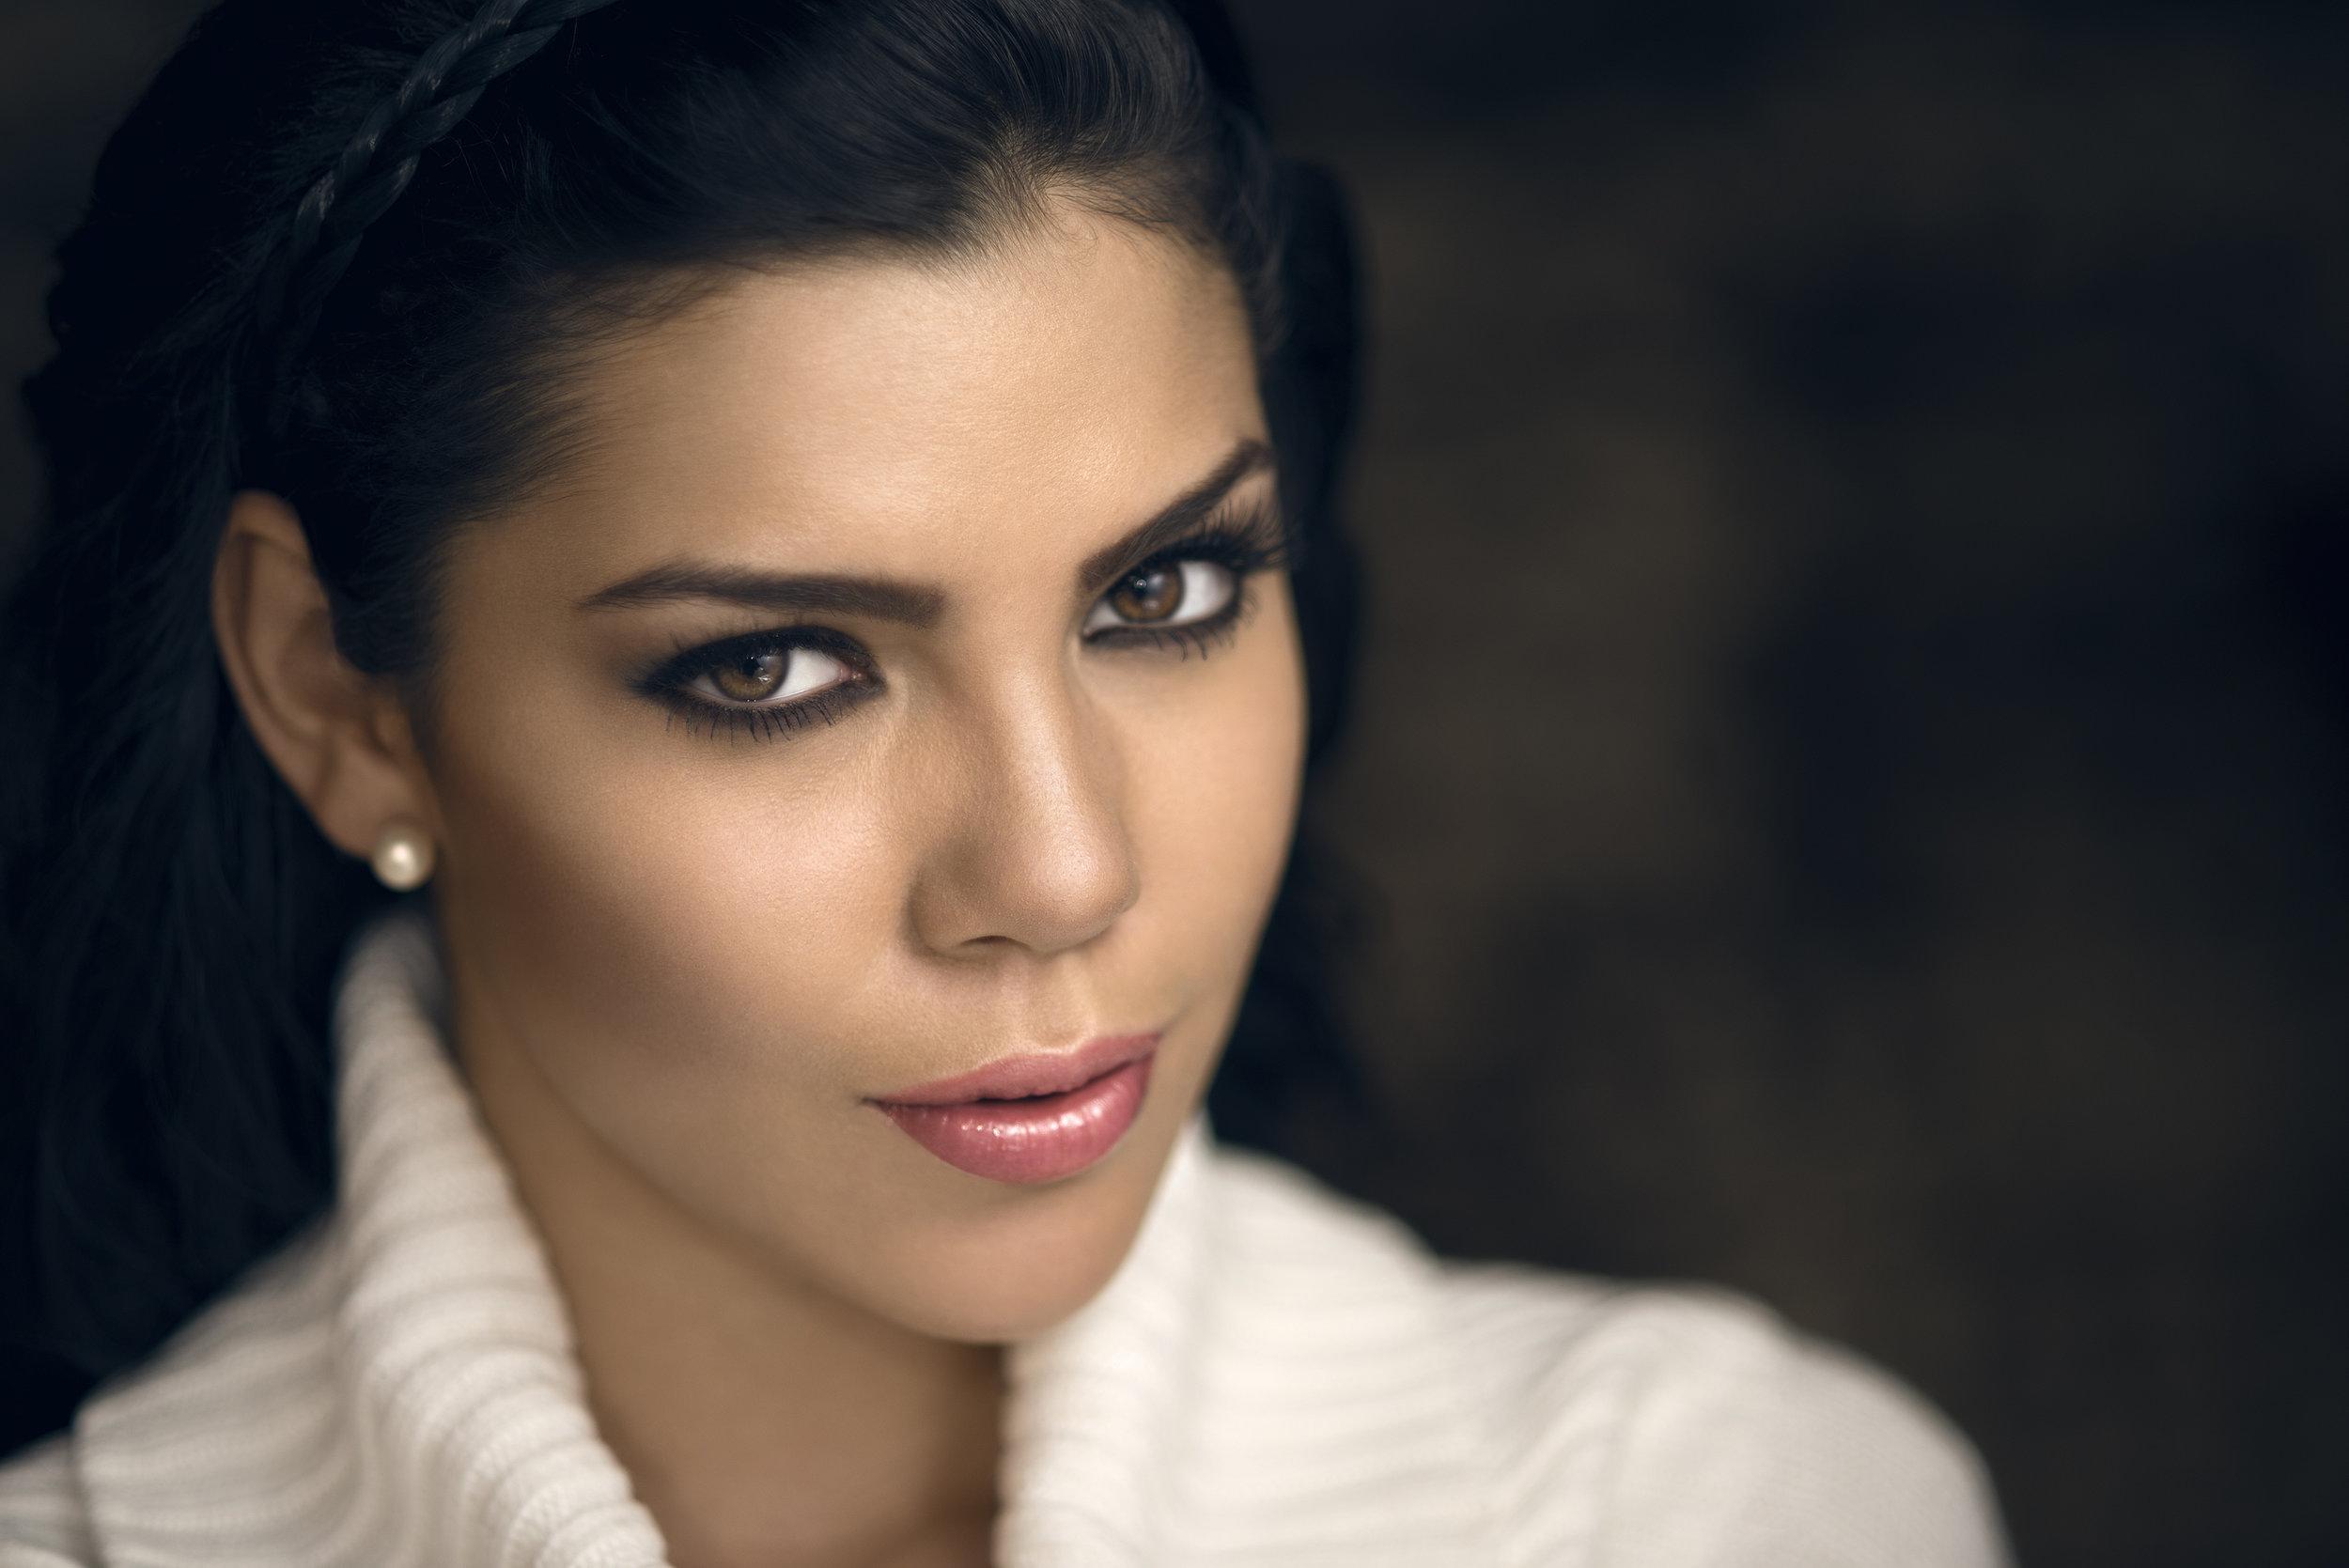 Marisol A